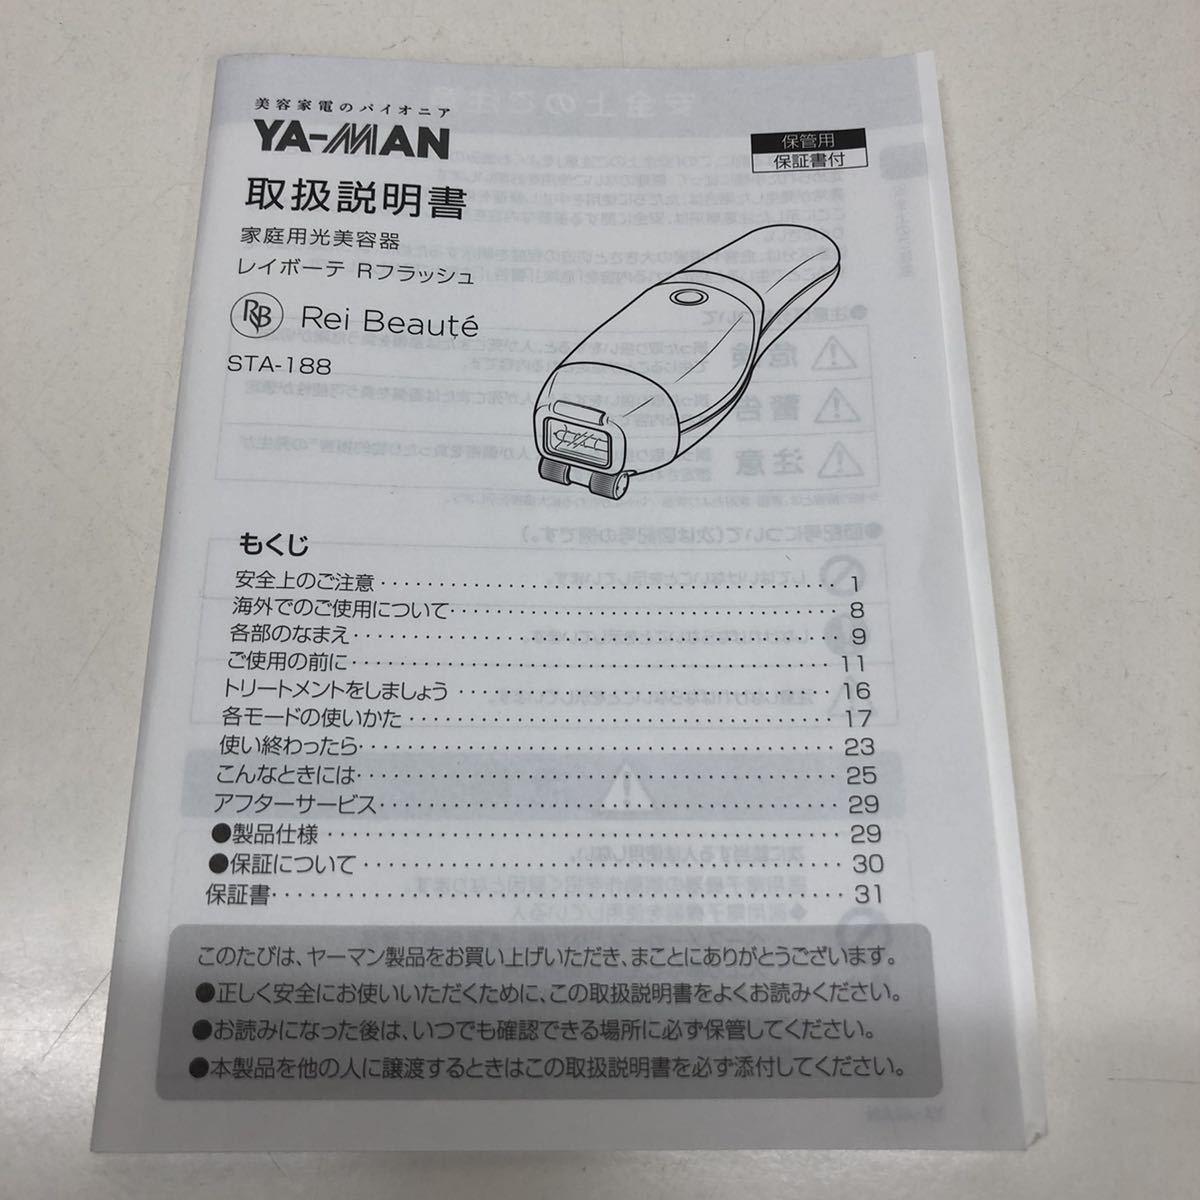 YA-MAN ヤーマンレイボーテR フラッシュ STA-188